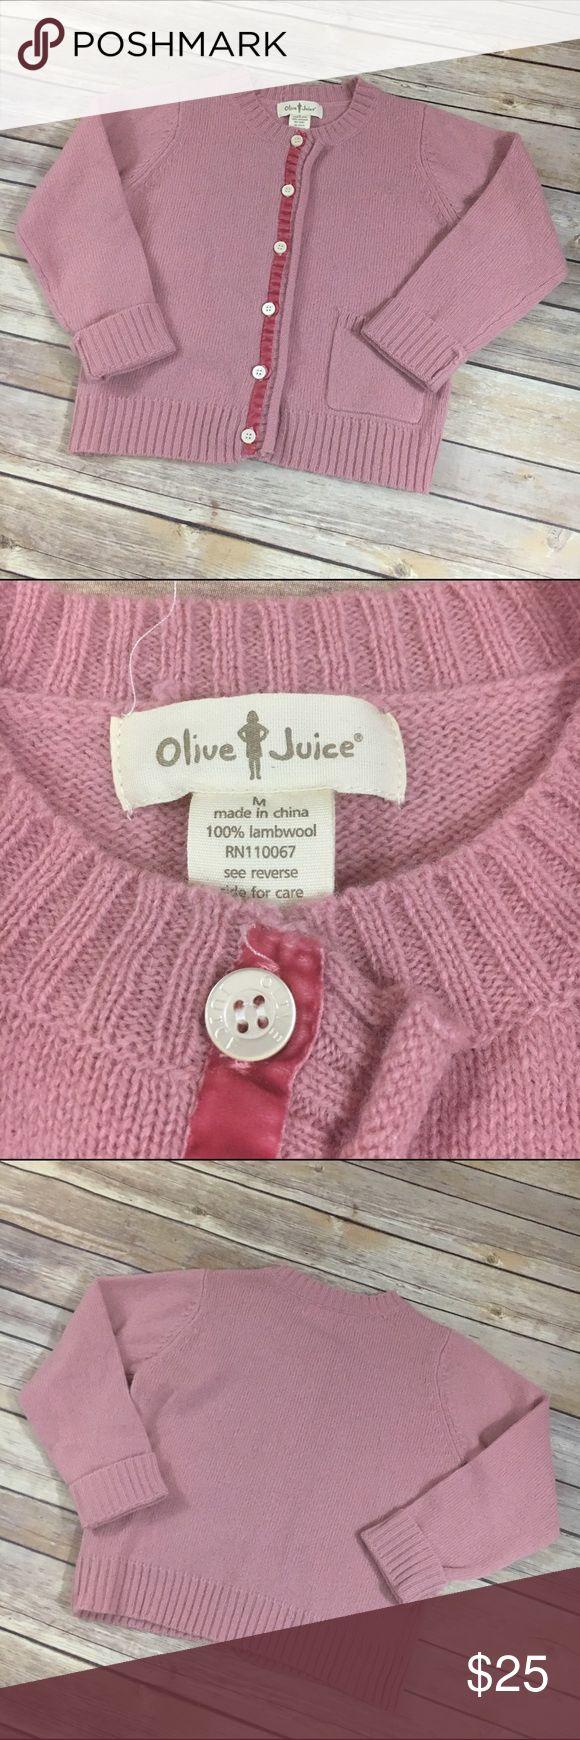 Olive Juice Cardigan Sweater Pink M 5/6 | Olive juice